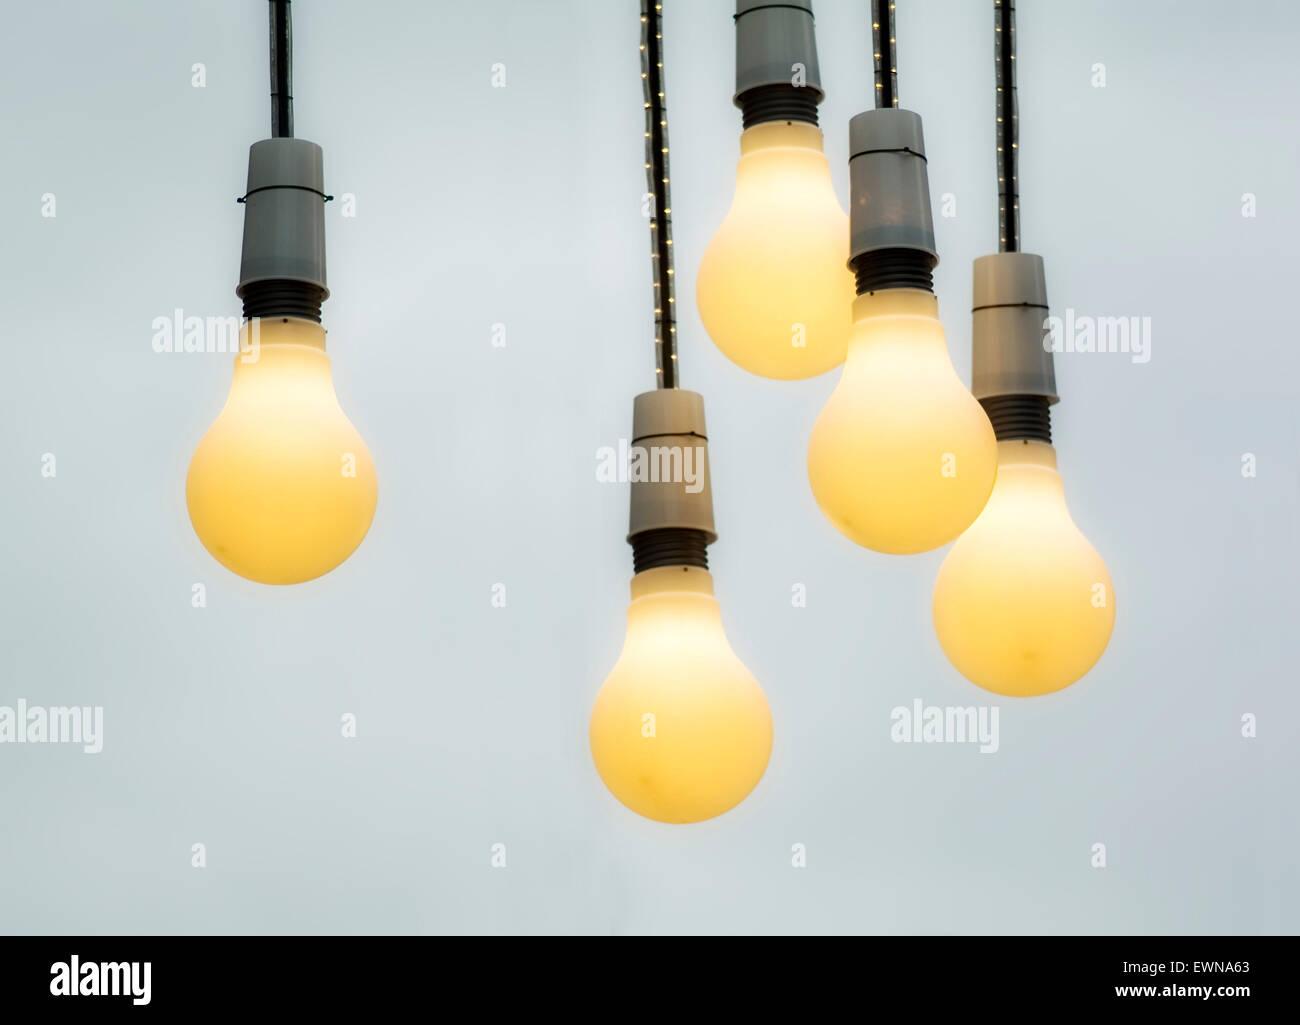 Grandi lampade pendenti in una strada come illuminazione natale